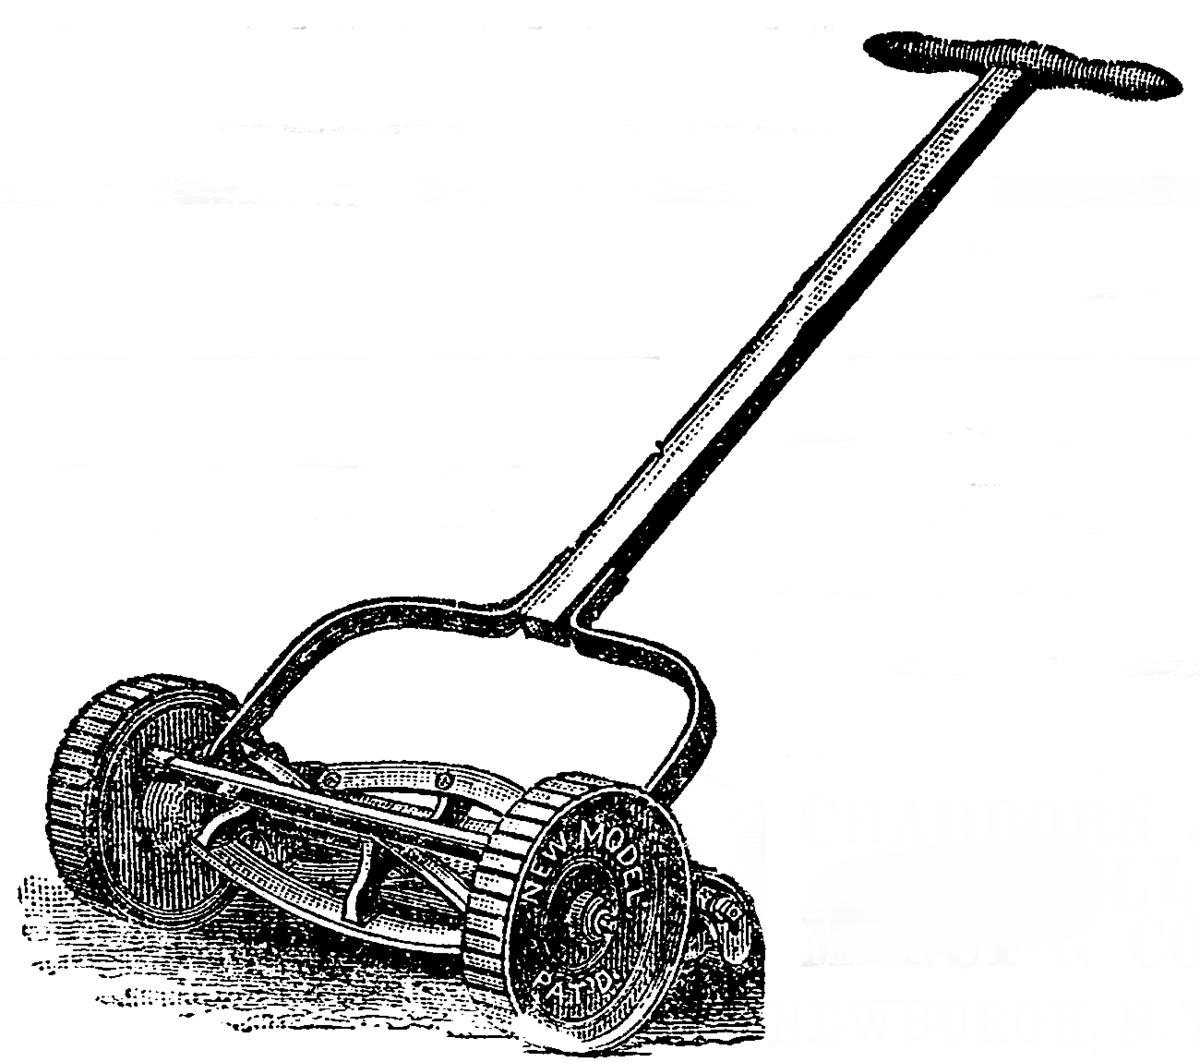 gräsklippare - Wiktionary